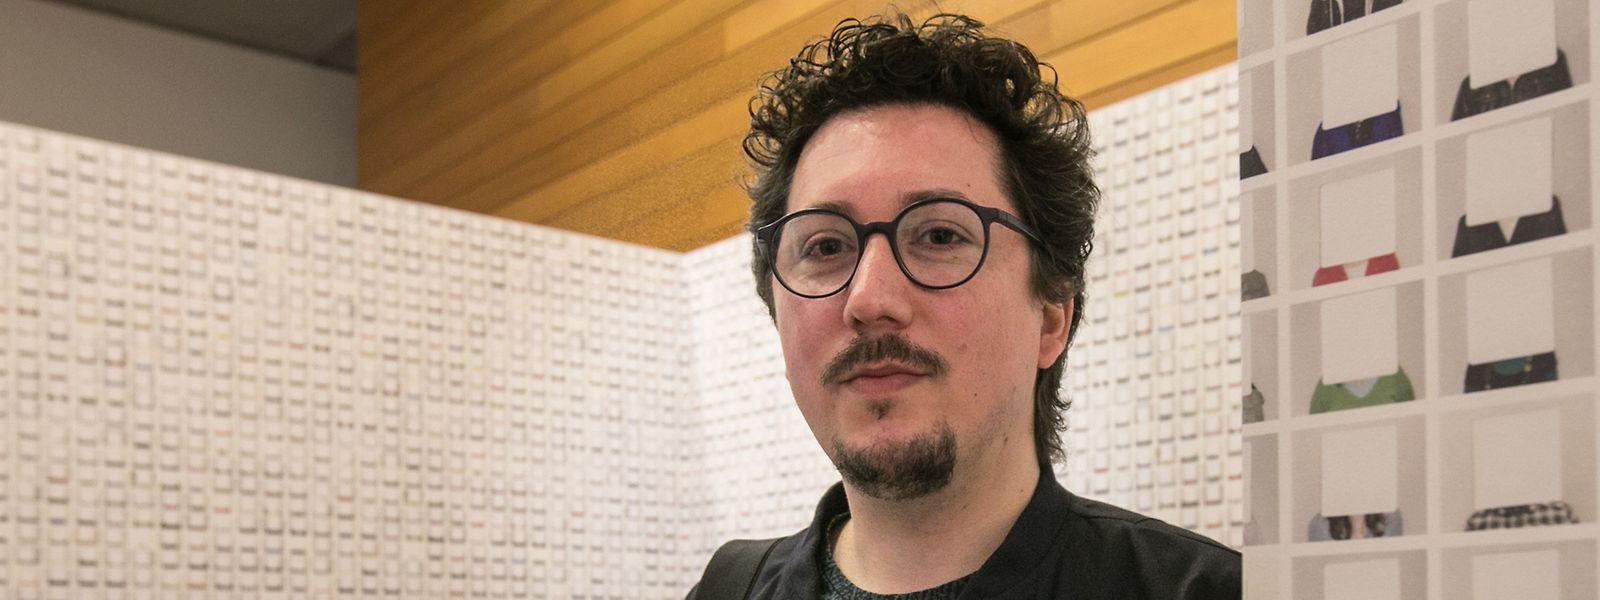 Marco Godinho ist in der luxemburger Kunstszene kein unbeschriebenes Blatt.